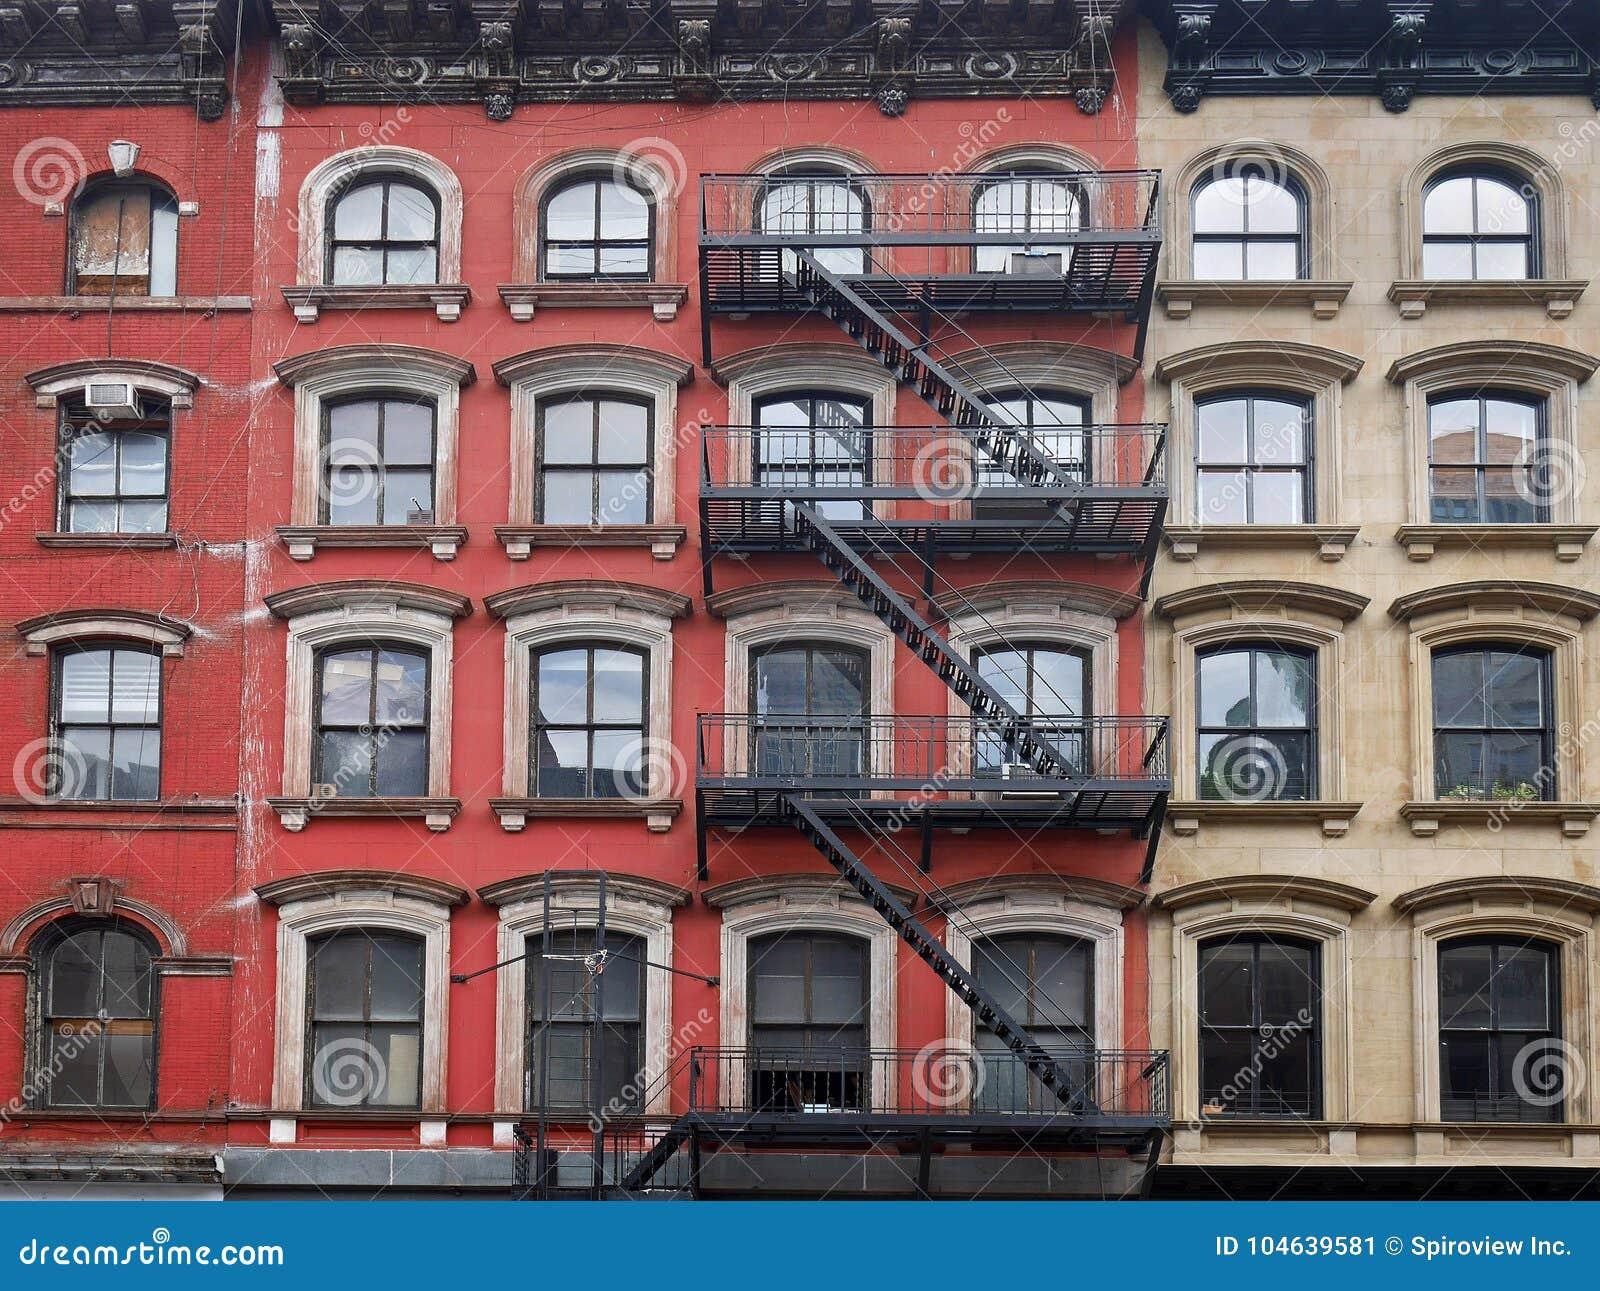 Download De Oude Flatgebouwen Van Manhattan Stock Afbeelding - Afbeelding bestaande uit vlucht, brand: 104639581